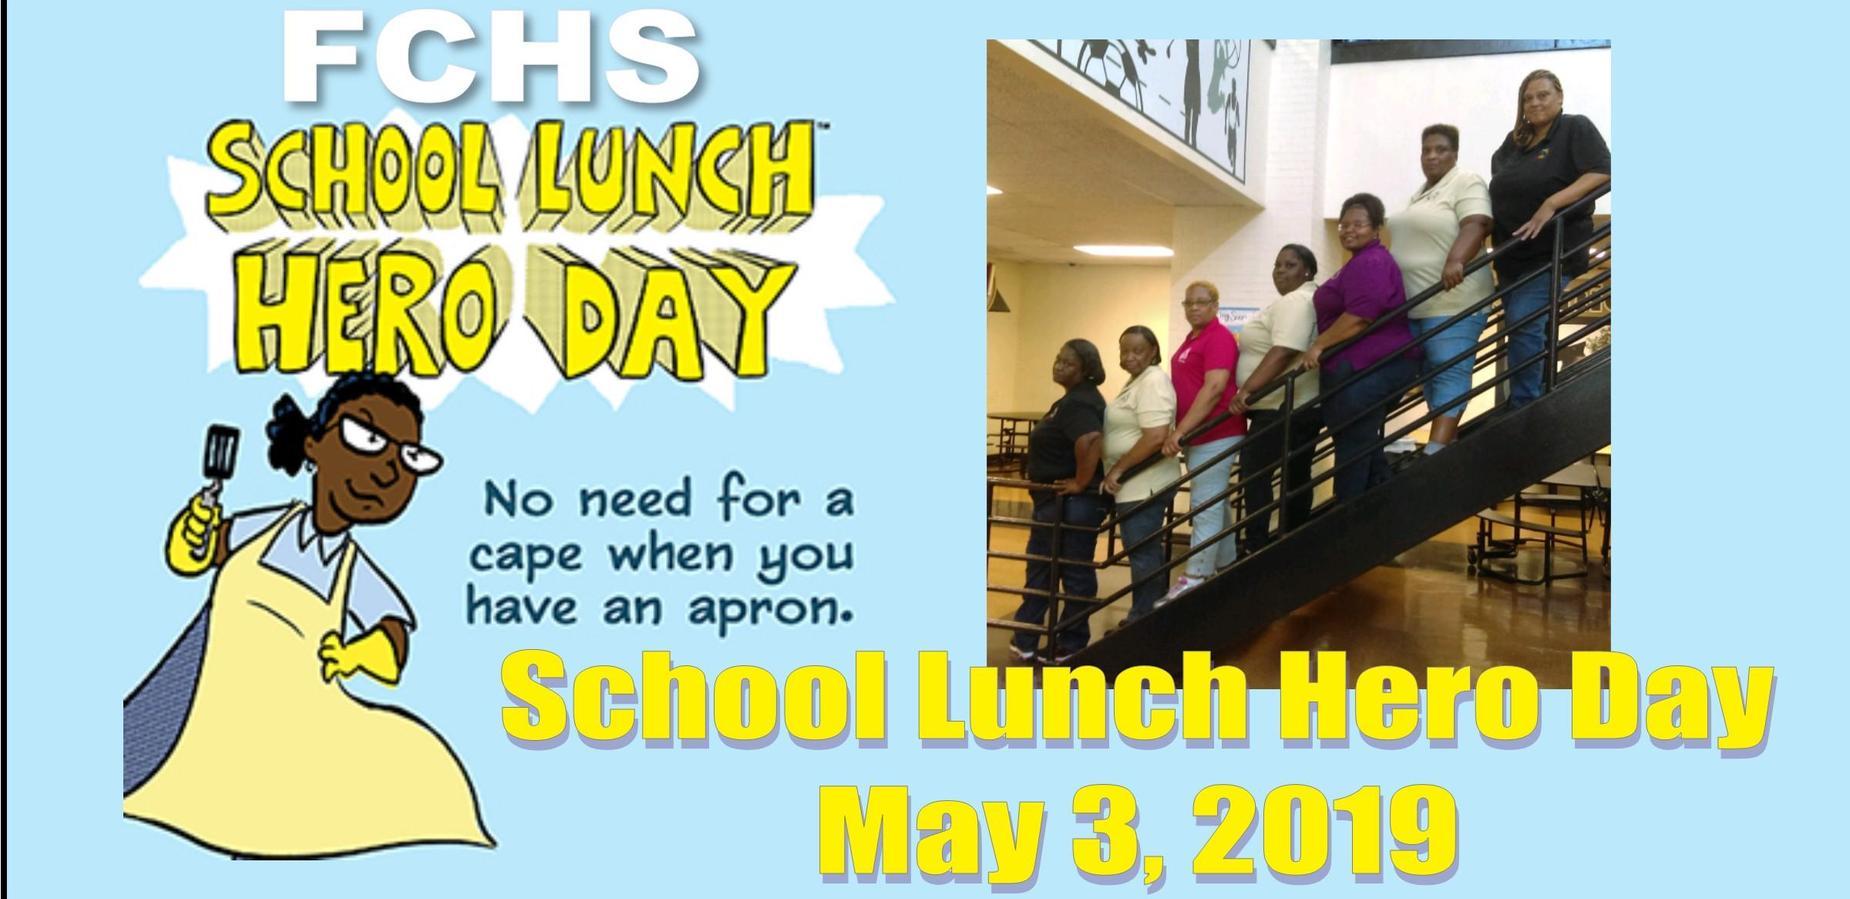 School Lunch Heros